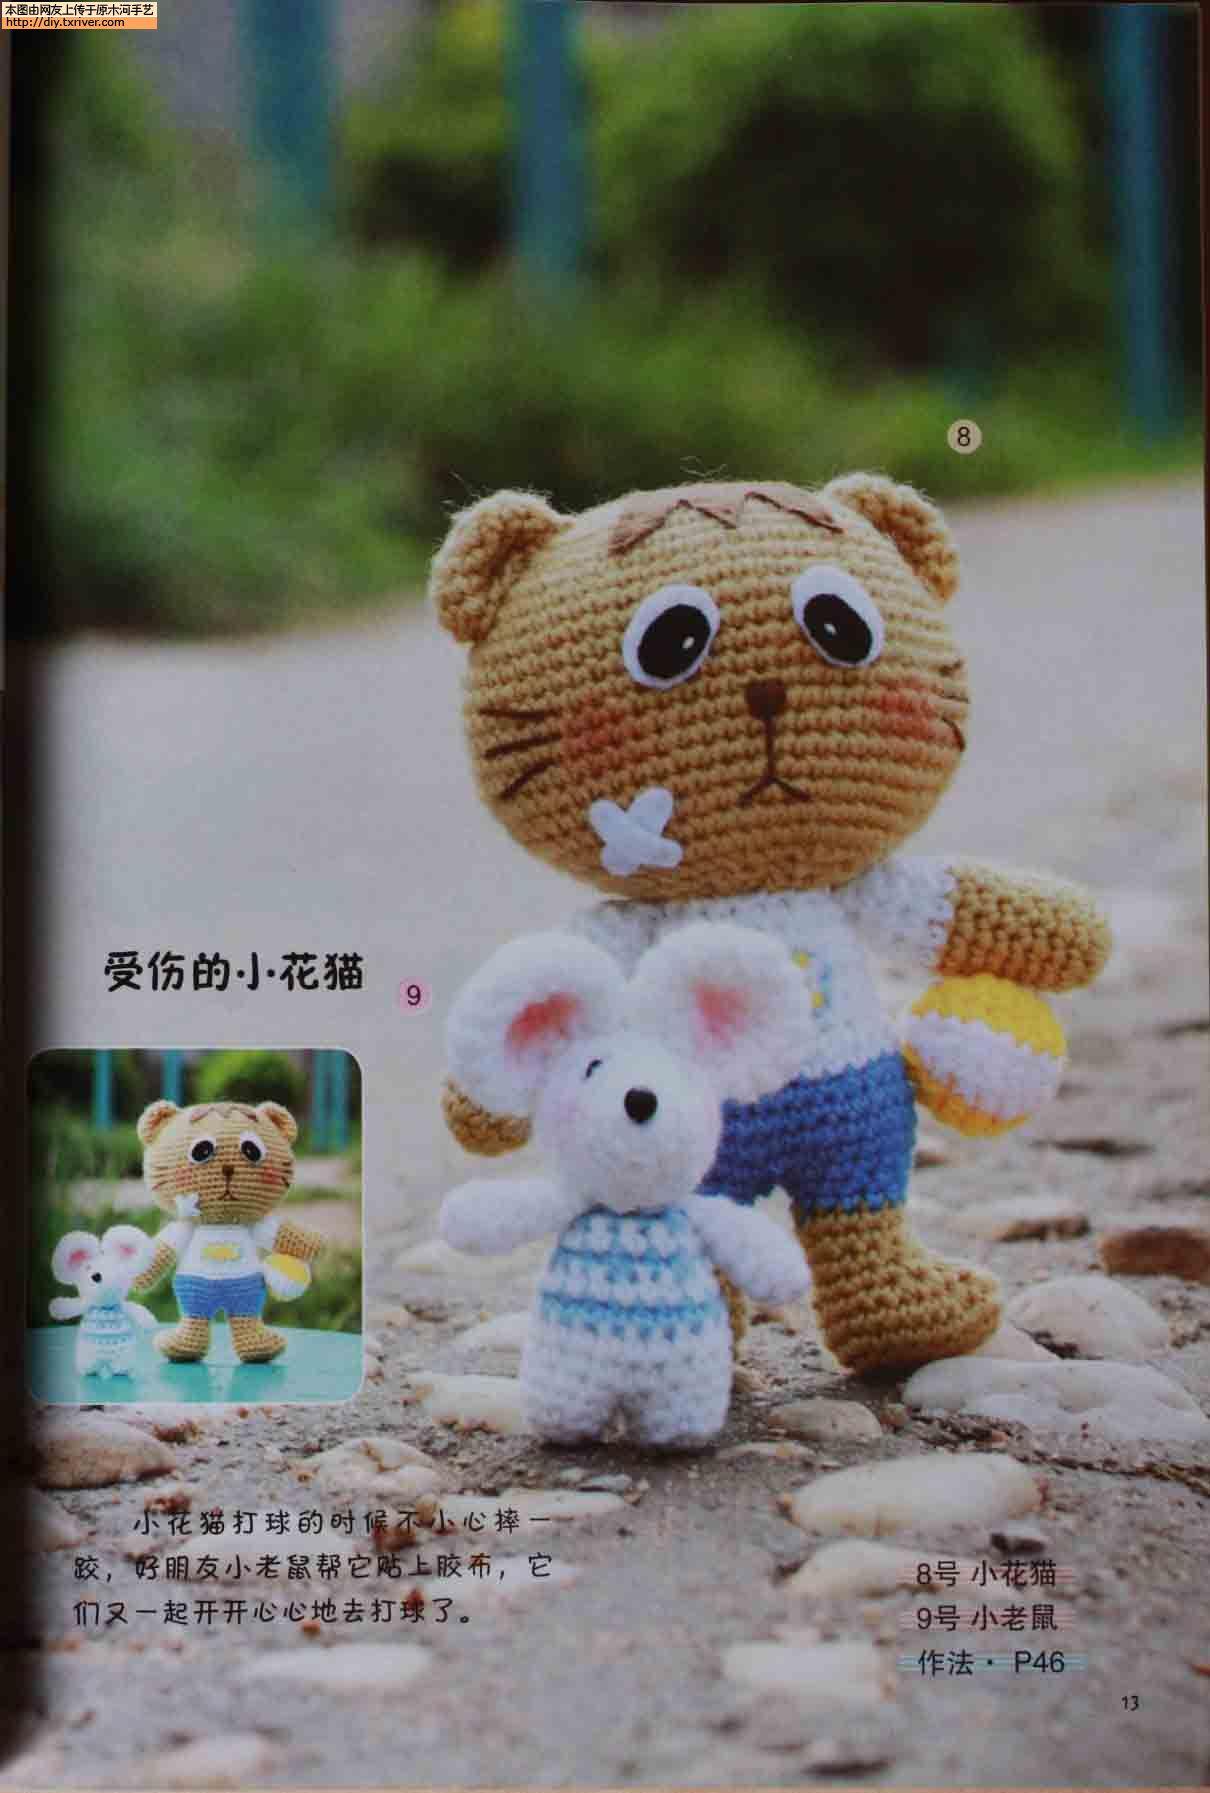 可爱钩编毛线玩偶~第5页我的新手工书《时尚毛线玩偶编织图解》